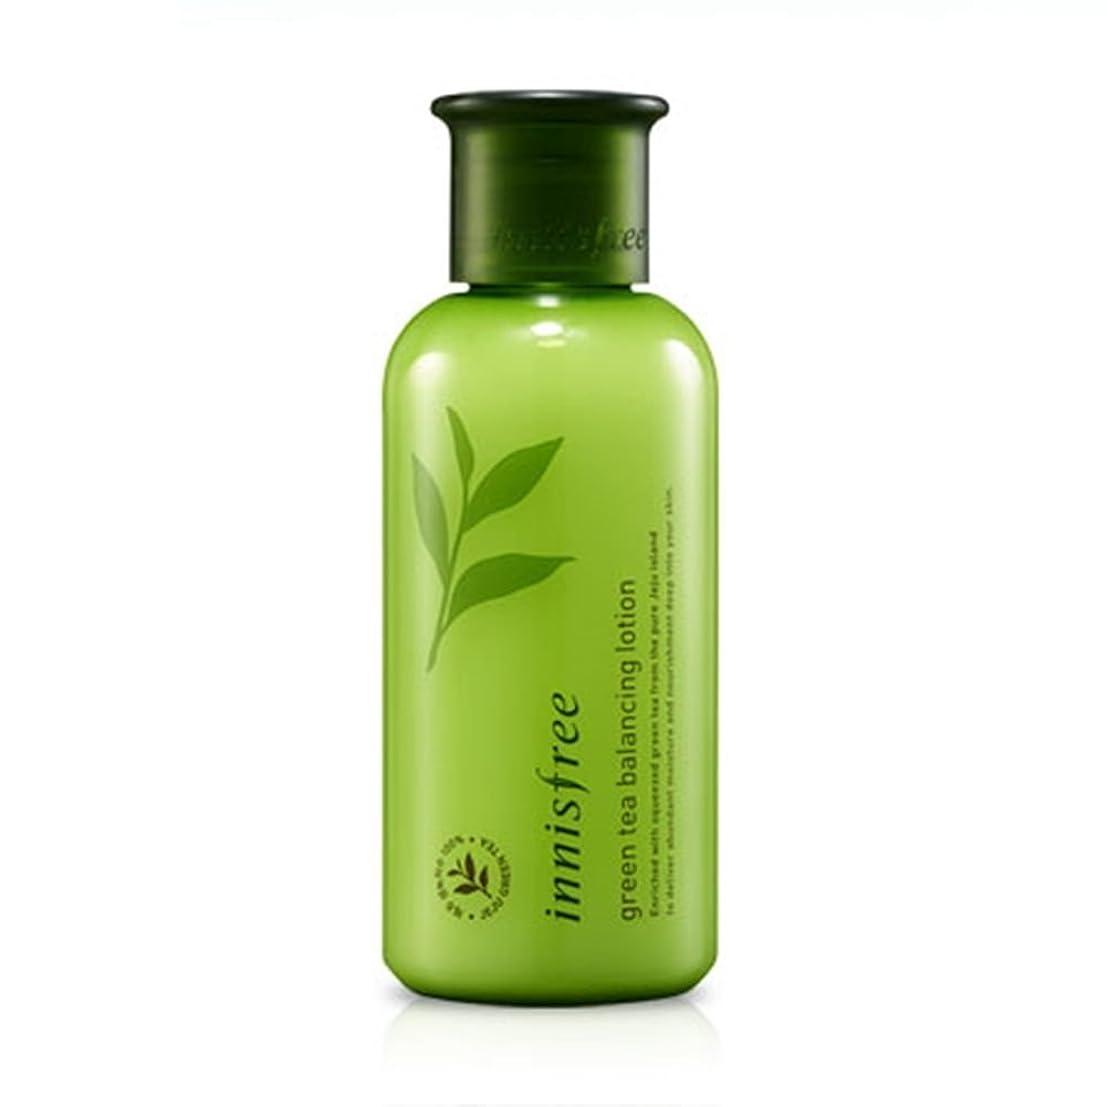 類人猿繊毛とても【イニスフリー】 Innisfree Green Tea Balancing Lotion グリーンティーバランシングローション160mL [並行輸入品]